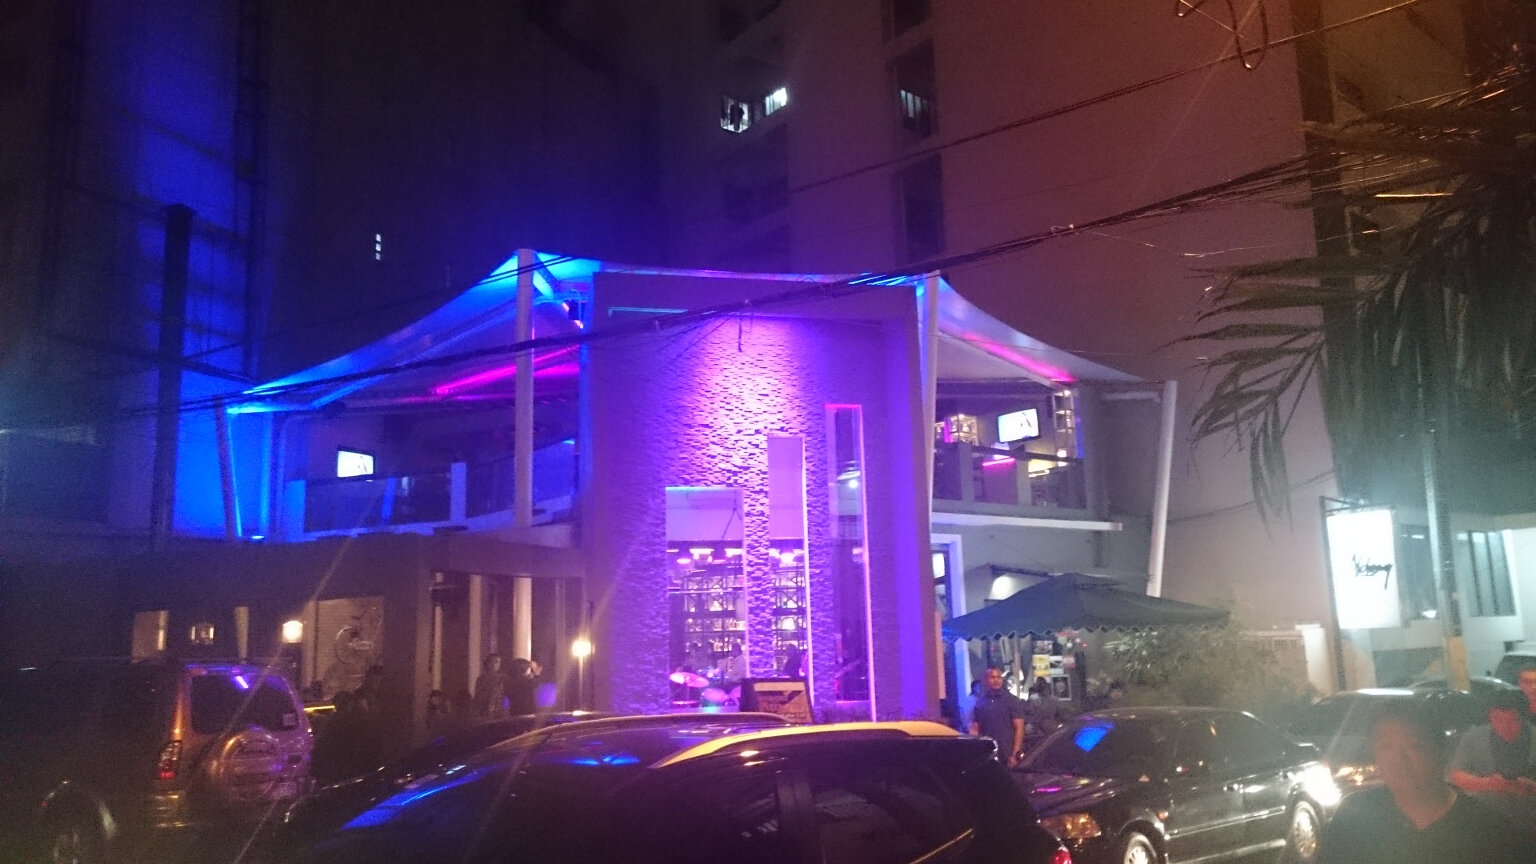 Night time view, Alcemy bar, Makati Manila